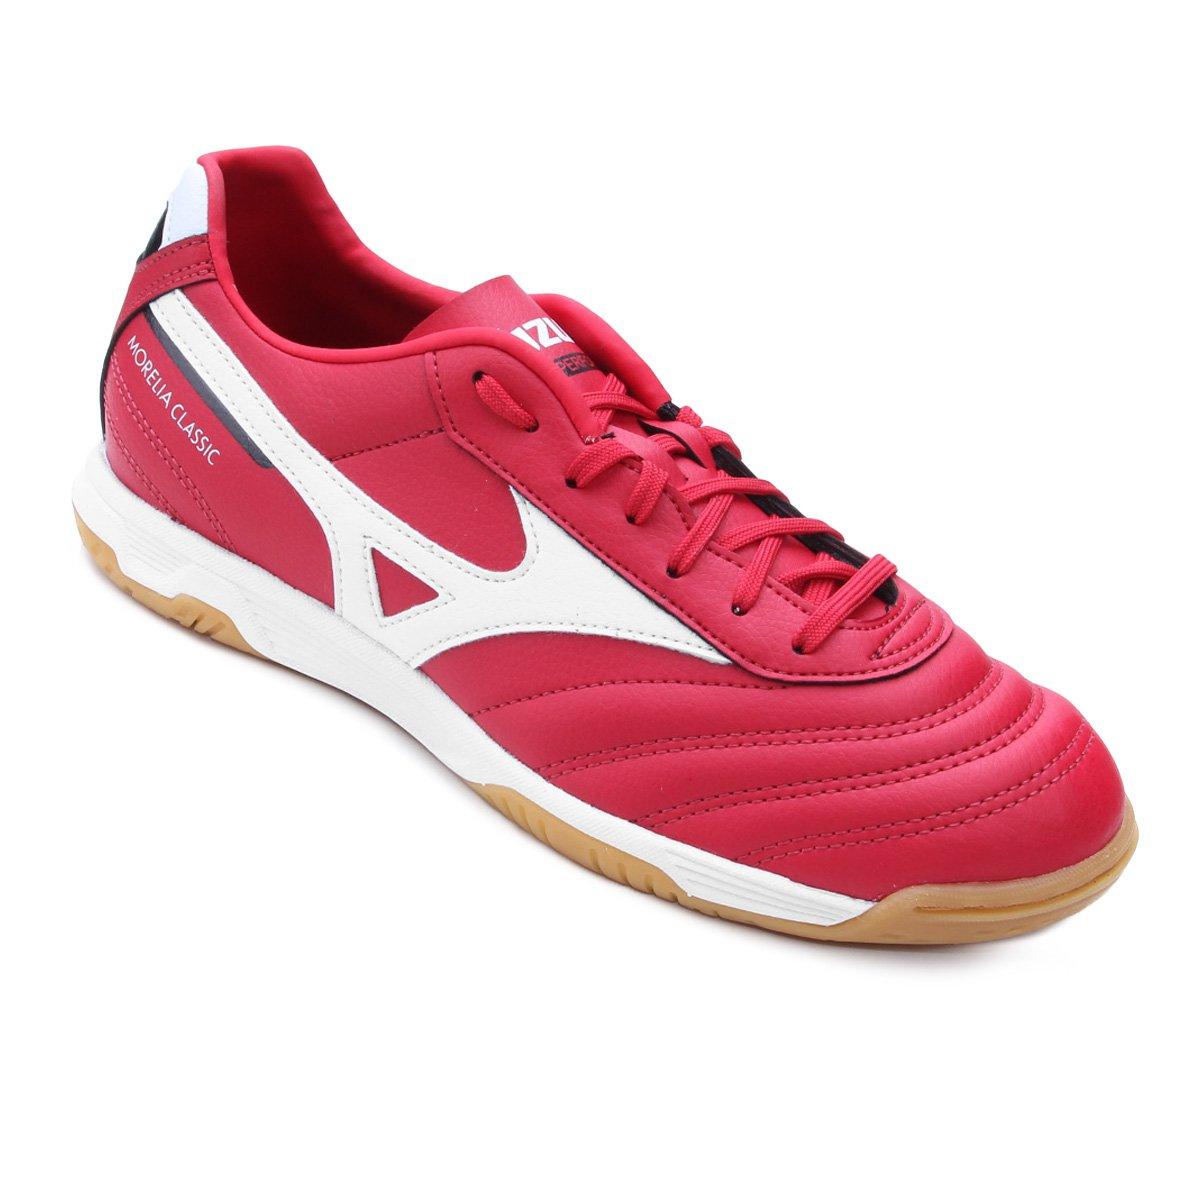 237a668f65637 Chuteira Futsal Mizuno Morelia Classic IN P - Vermelho e Branco - Compre  Agora